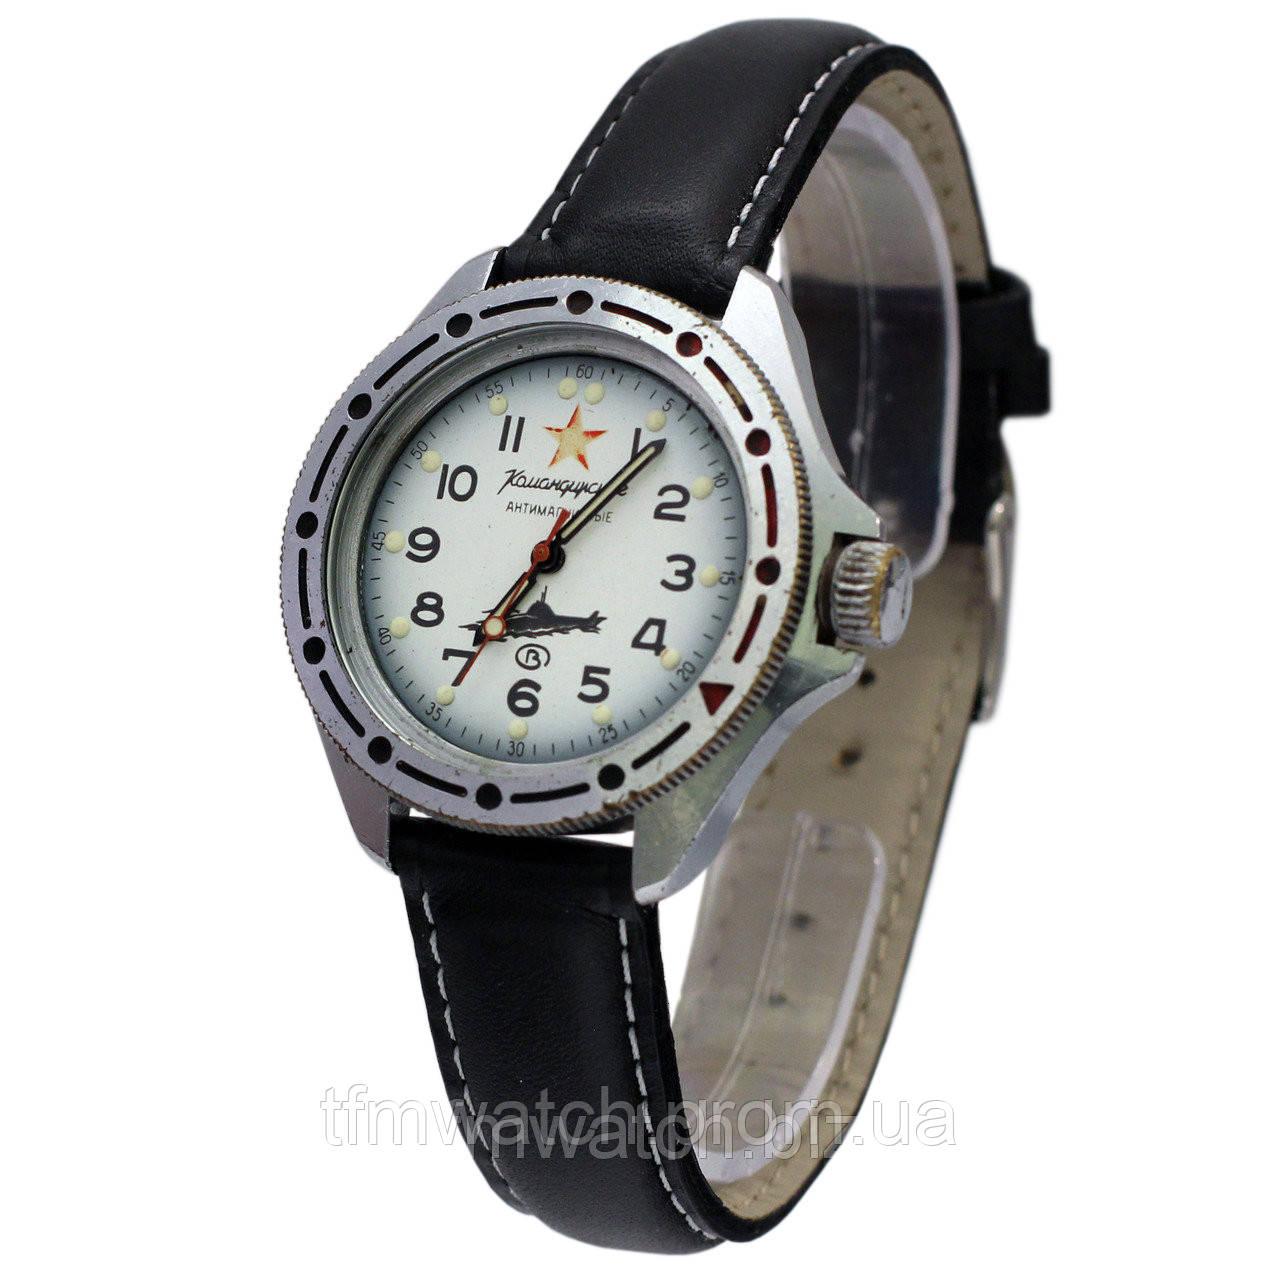 Часы наручные командирские антимагнитные наручные часы casio с компасом